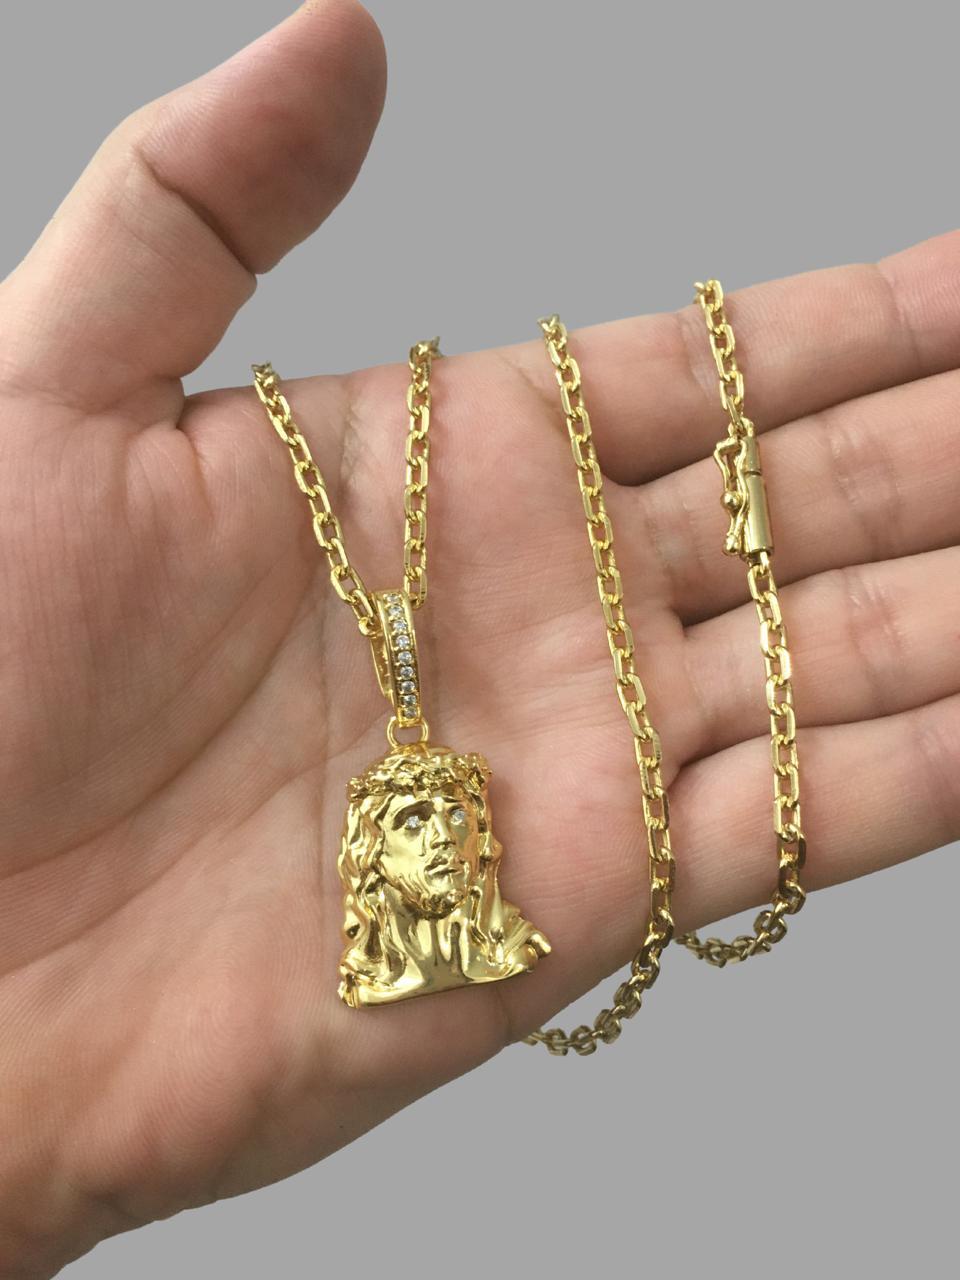 Corrente cartie - 3MM  -   70 CM  - fecho canhão Com Pingente face de Jesus Cristo 3D -Banhados a Ouro 18k